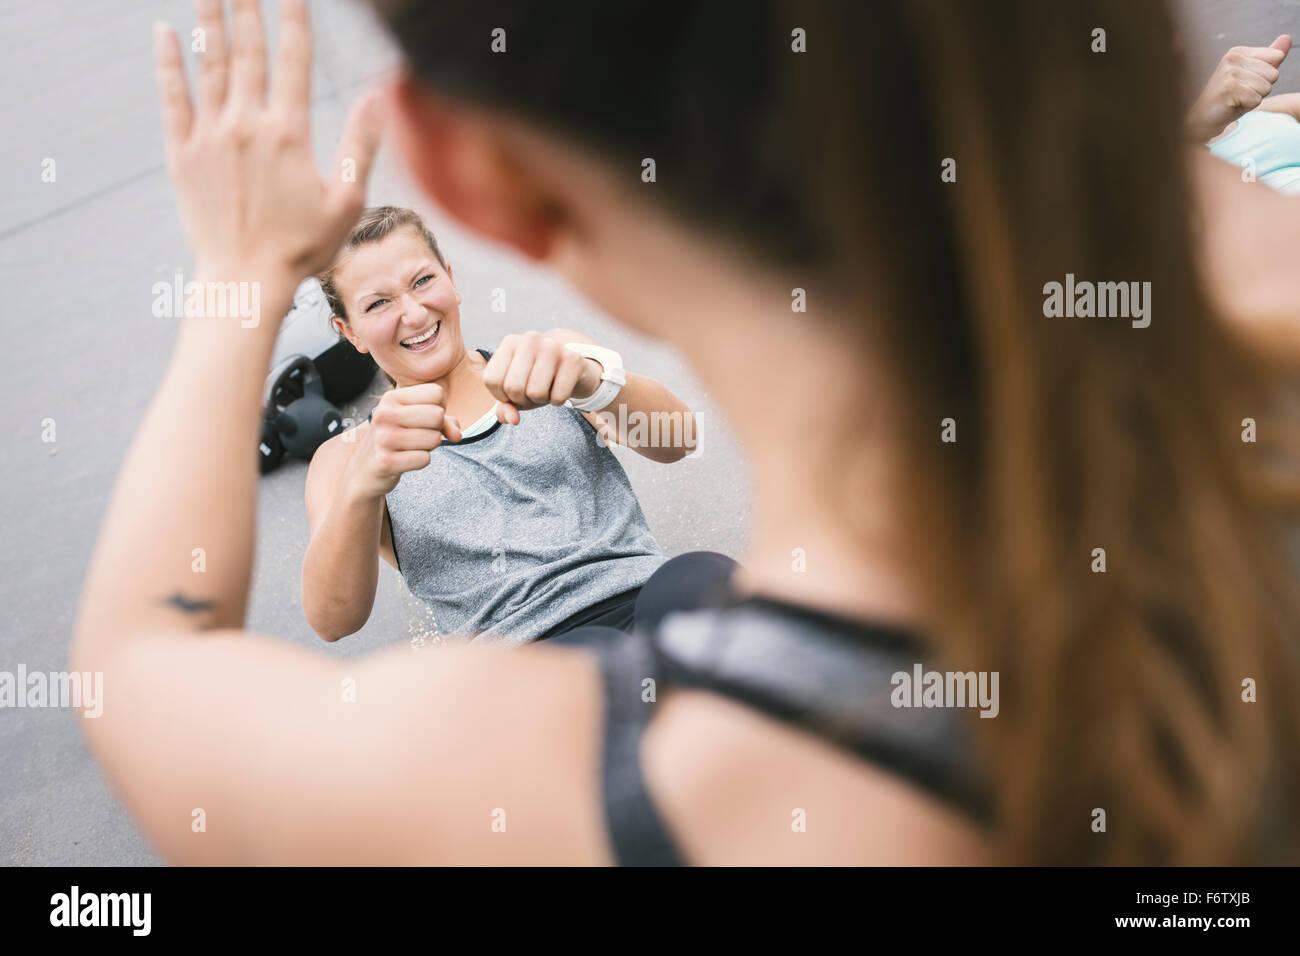 Les femmes ayant une piscine d'entraînement boot camp Photo Stock